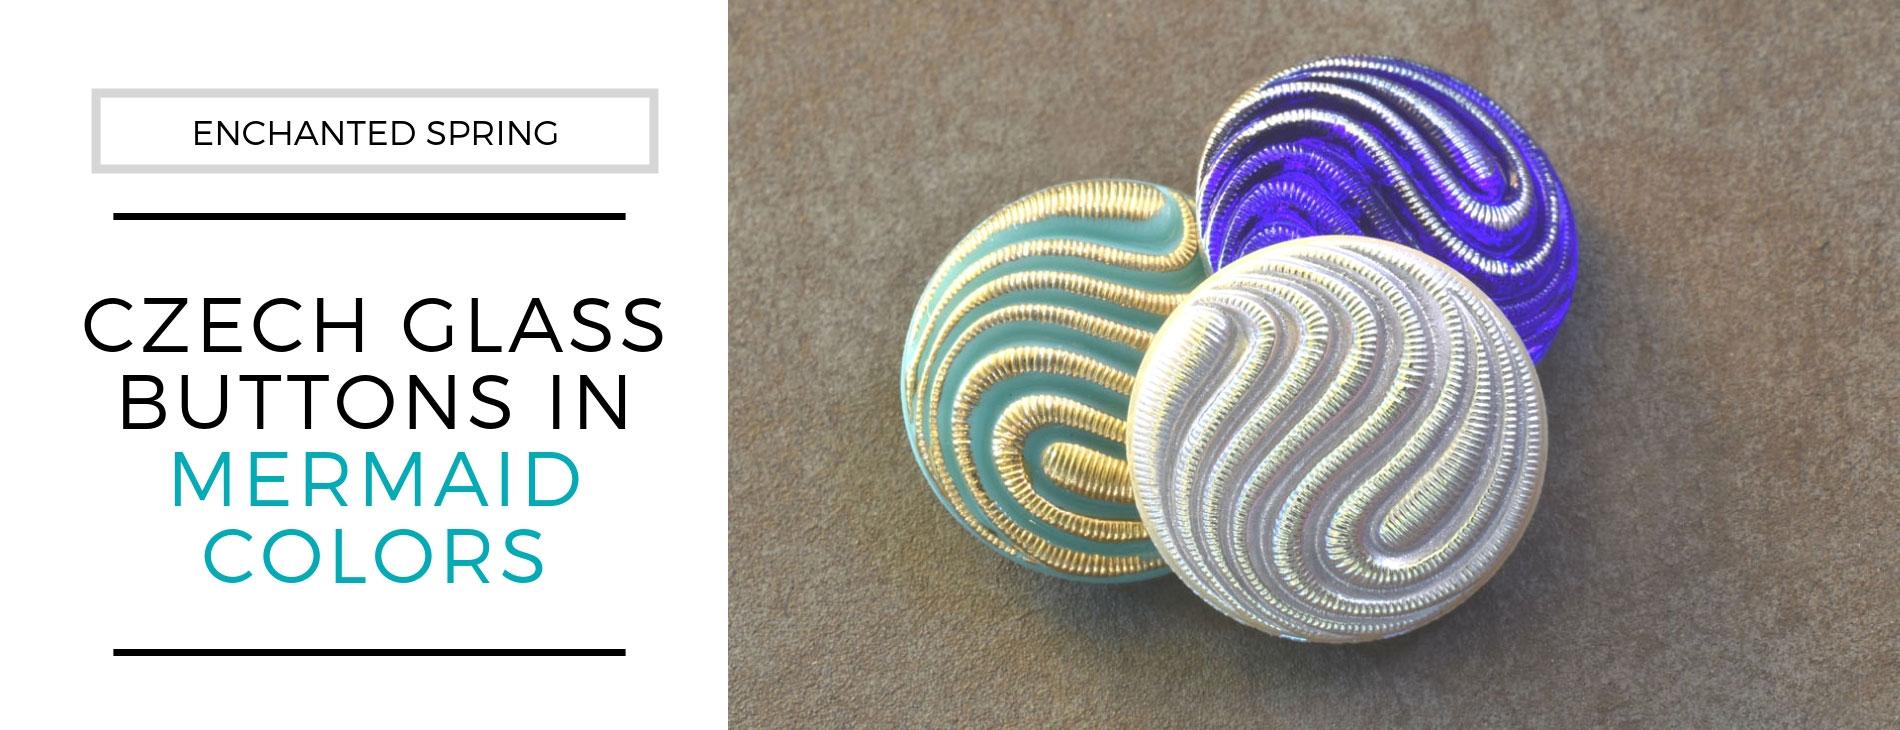 new czech glass Buttons